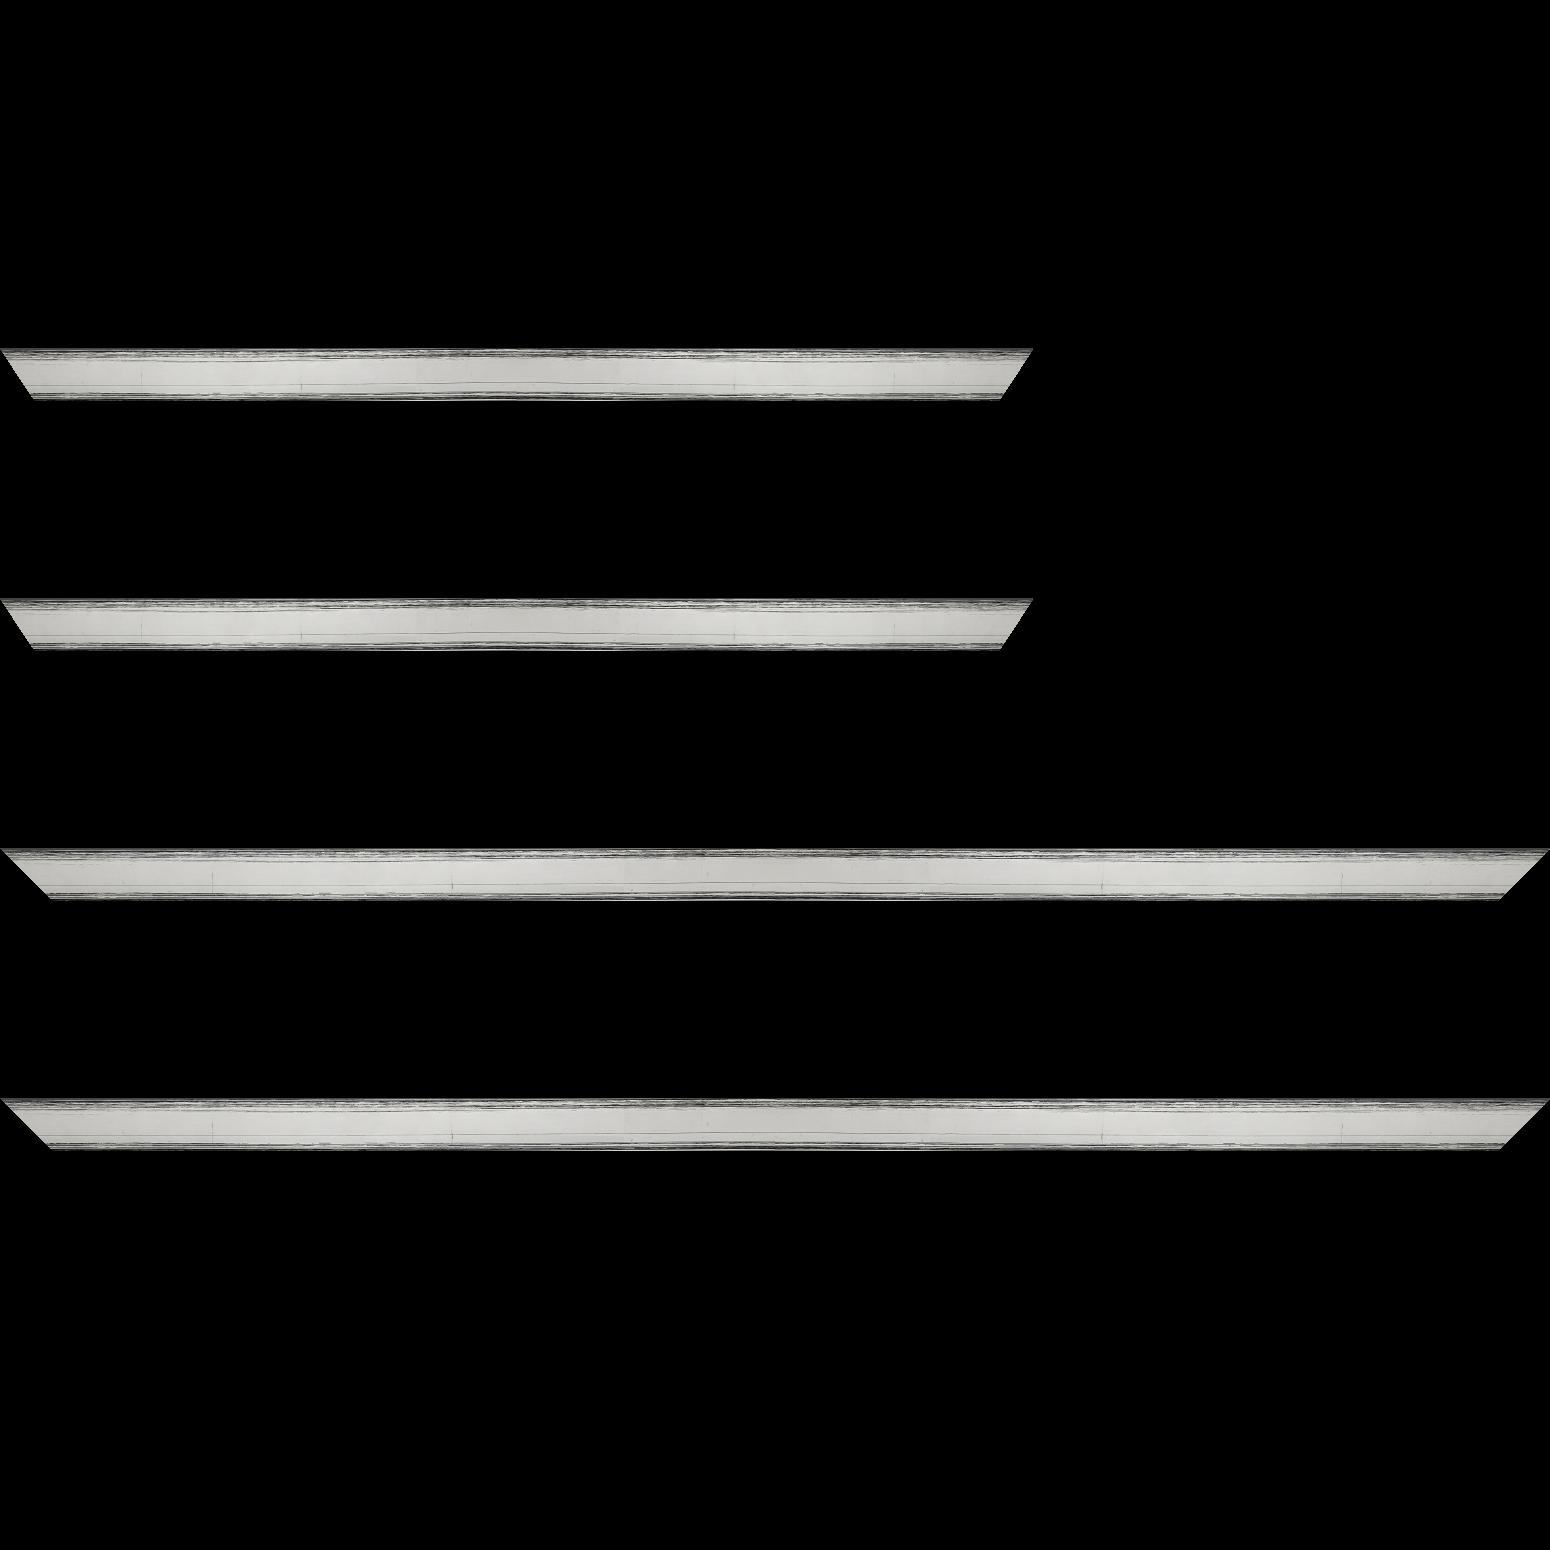 Baguette service précoupé Bois profil plat largeur 2.1cm hauteur 3.8cm couleur argent coté extérieur foncé. finition haut de gamme car dorure à l'eau fait main